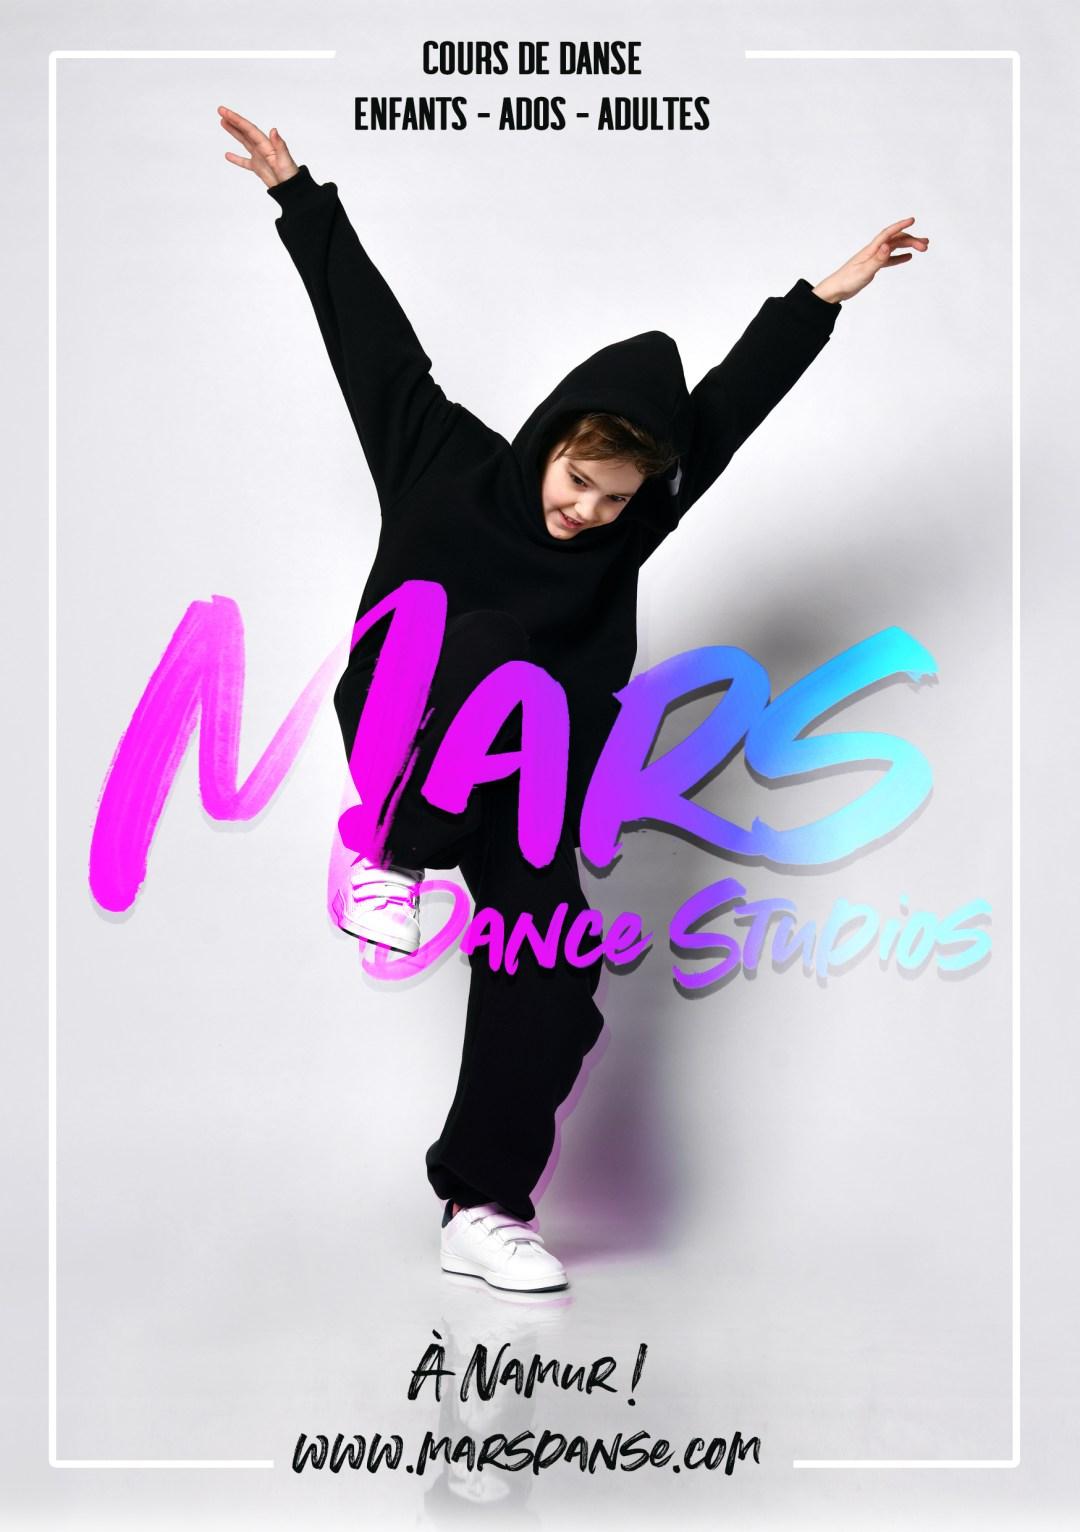 Mars Dance Studios Namur 2021